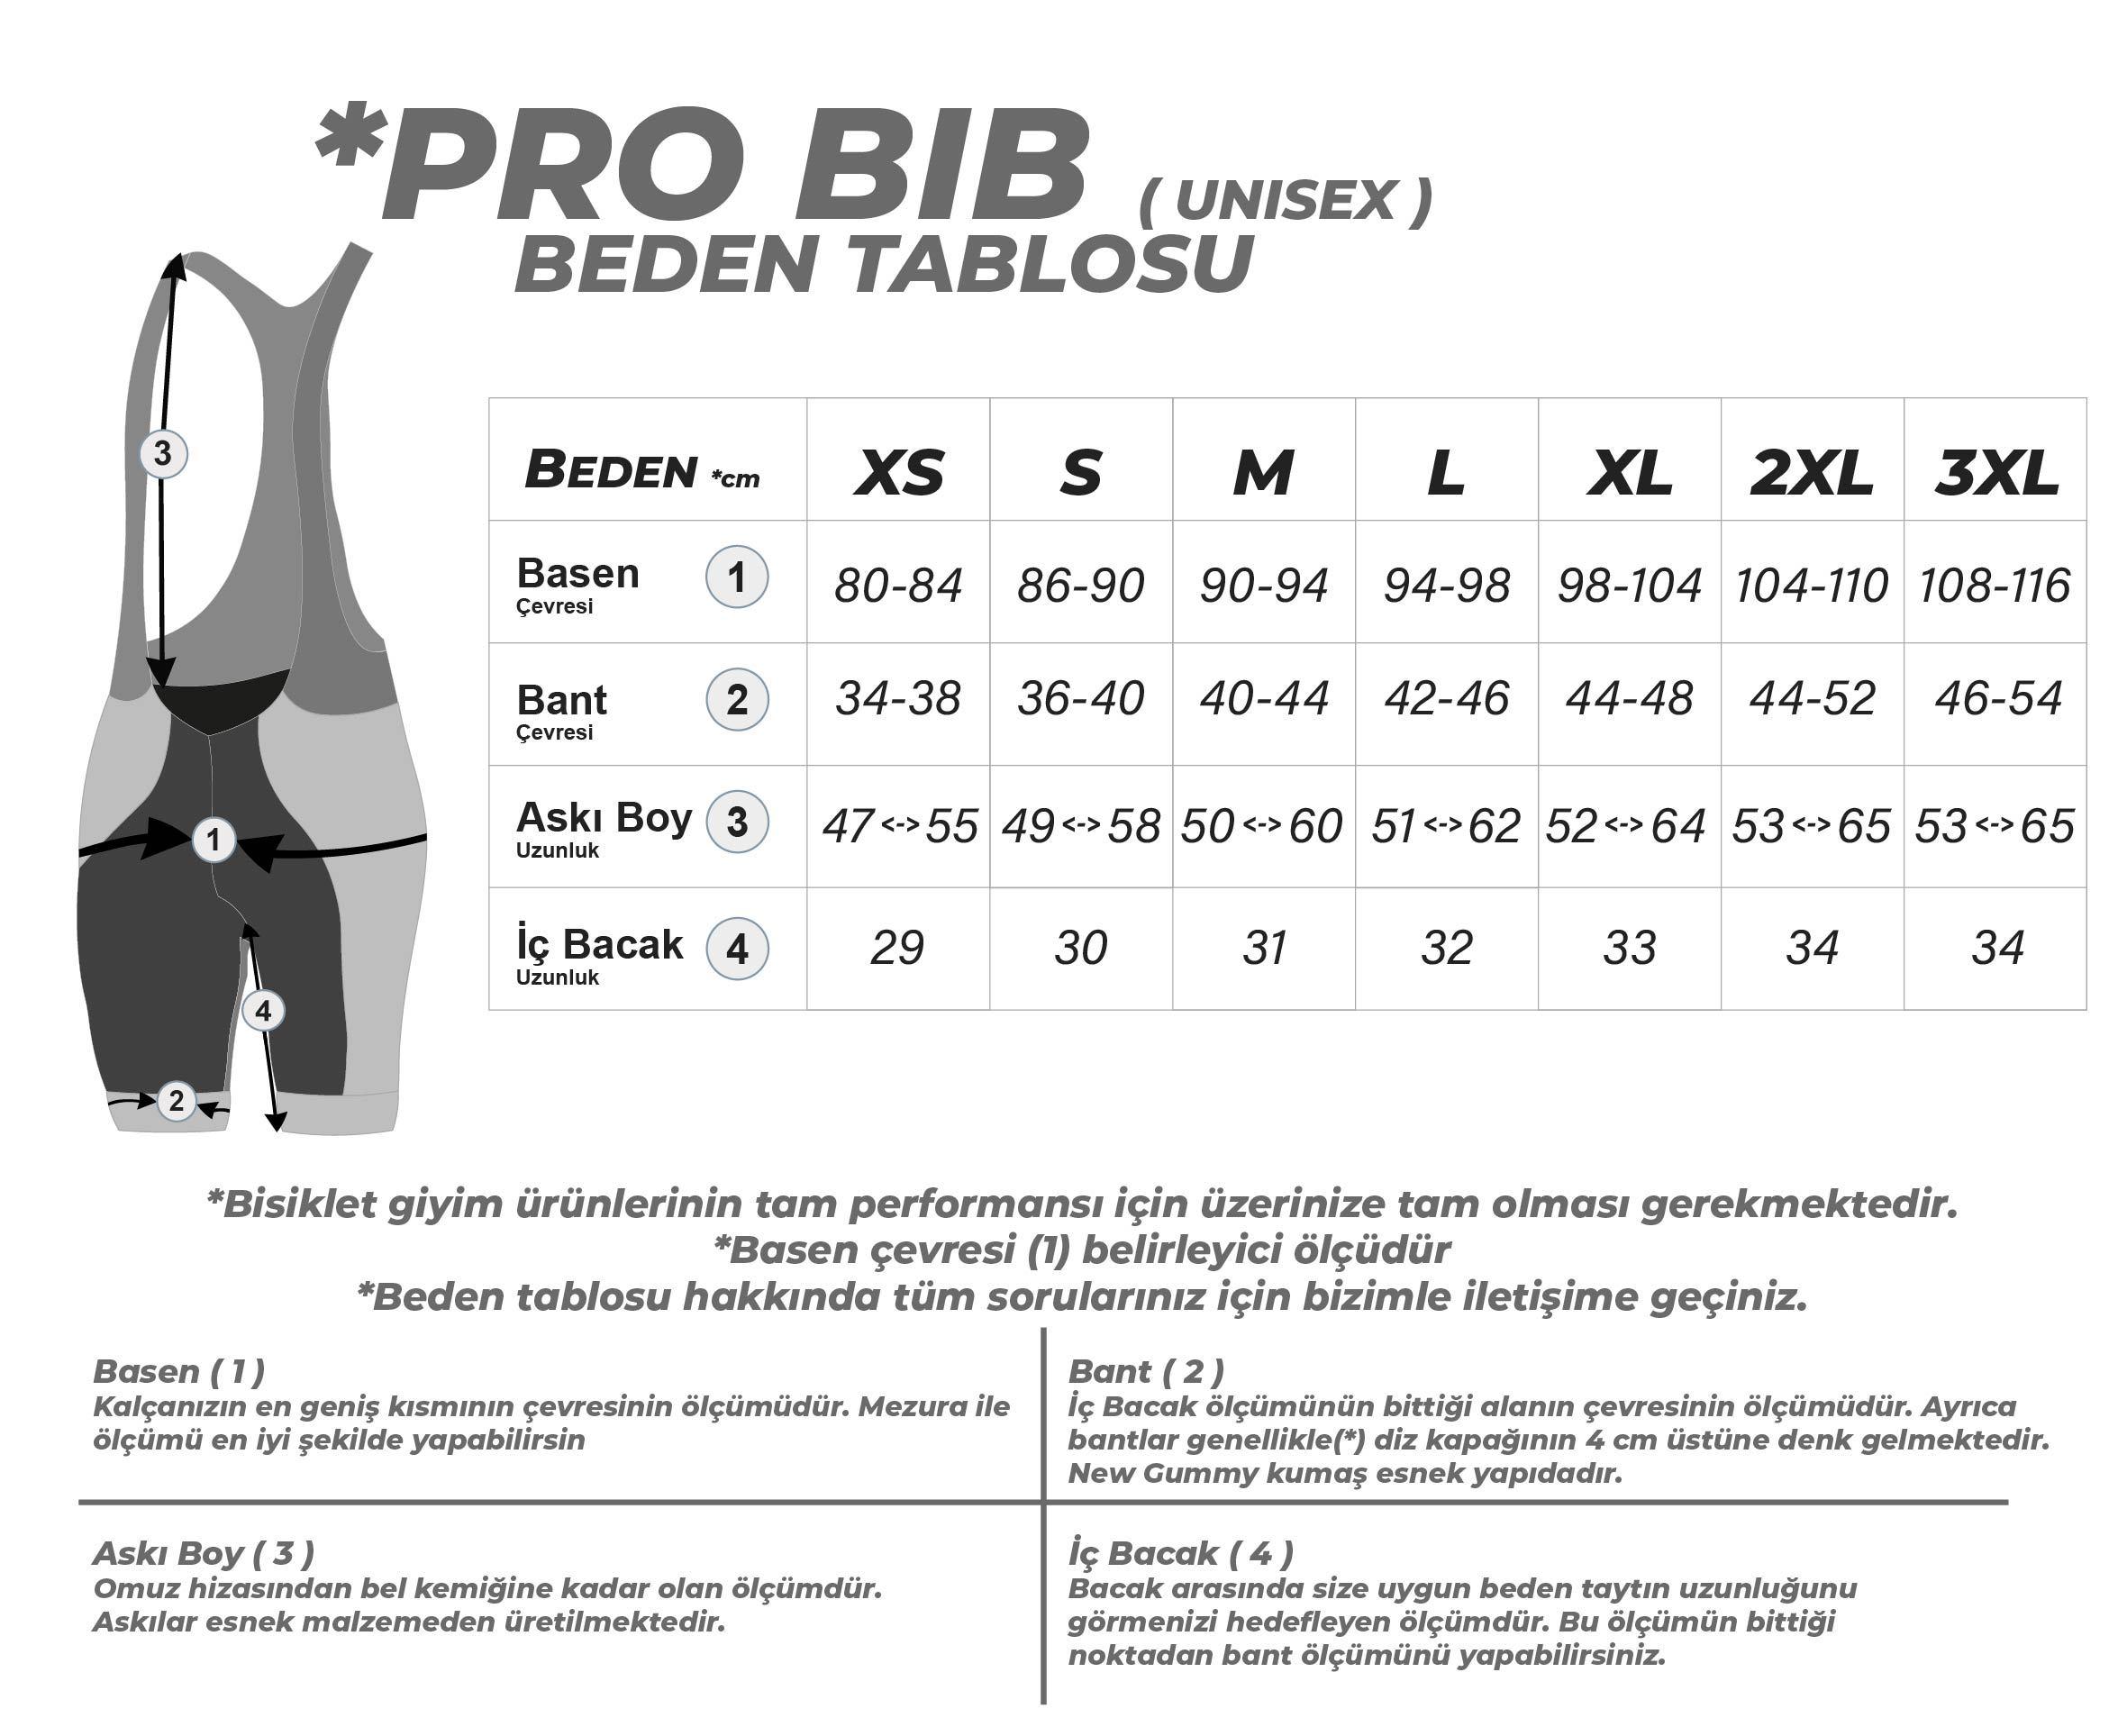 pro-bisiklet tablosu-1.jpg (318 KB)